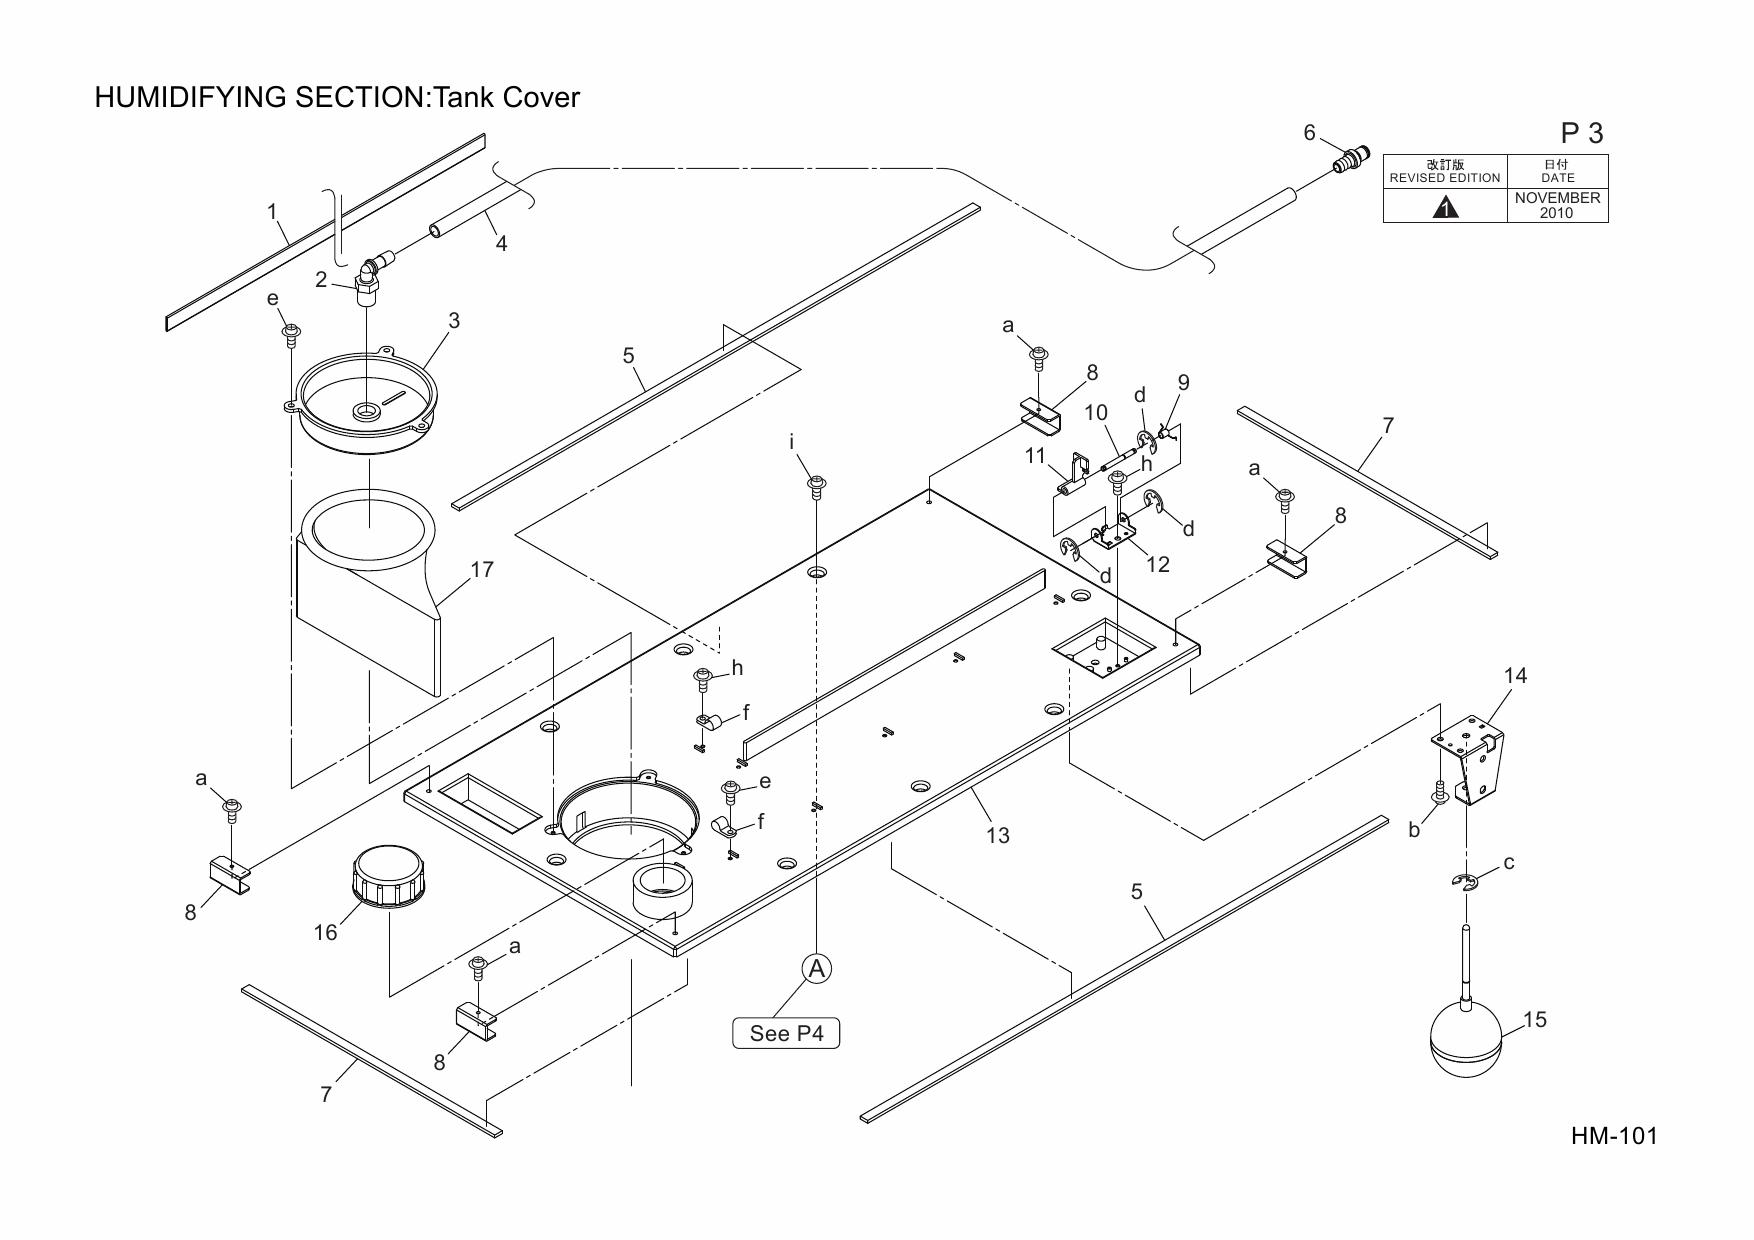 Konica-Minolta Options HM-101 A1TU Parts Manual